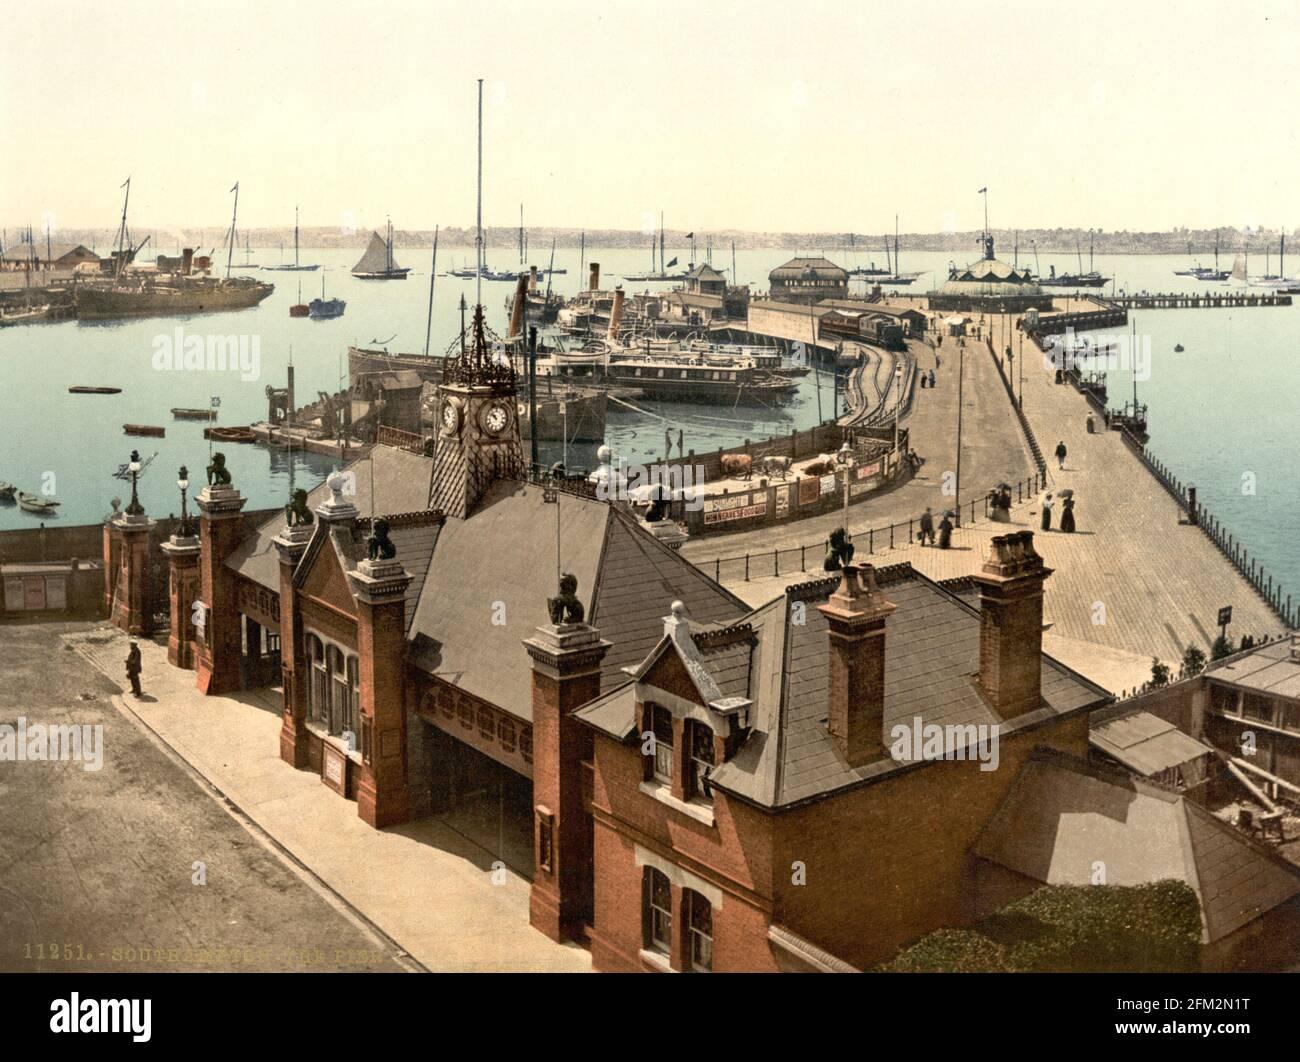 Southampton Royal Pier (anciennement Victoria Pier) et Harbour, Hampshire vers 1890-1900 Banque D'Images